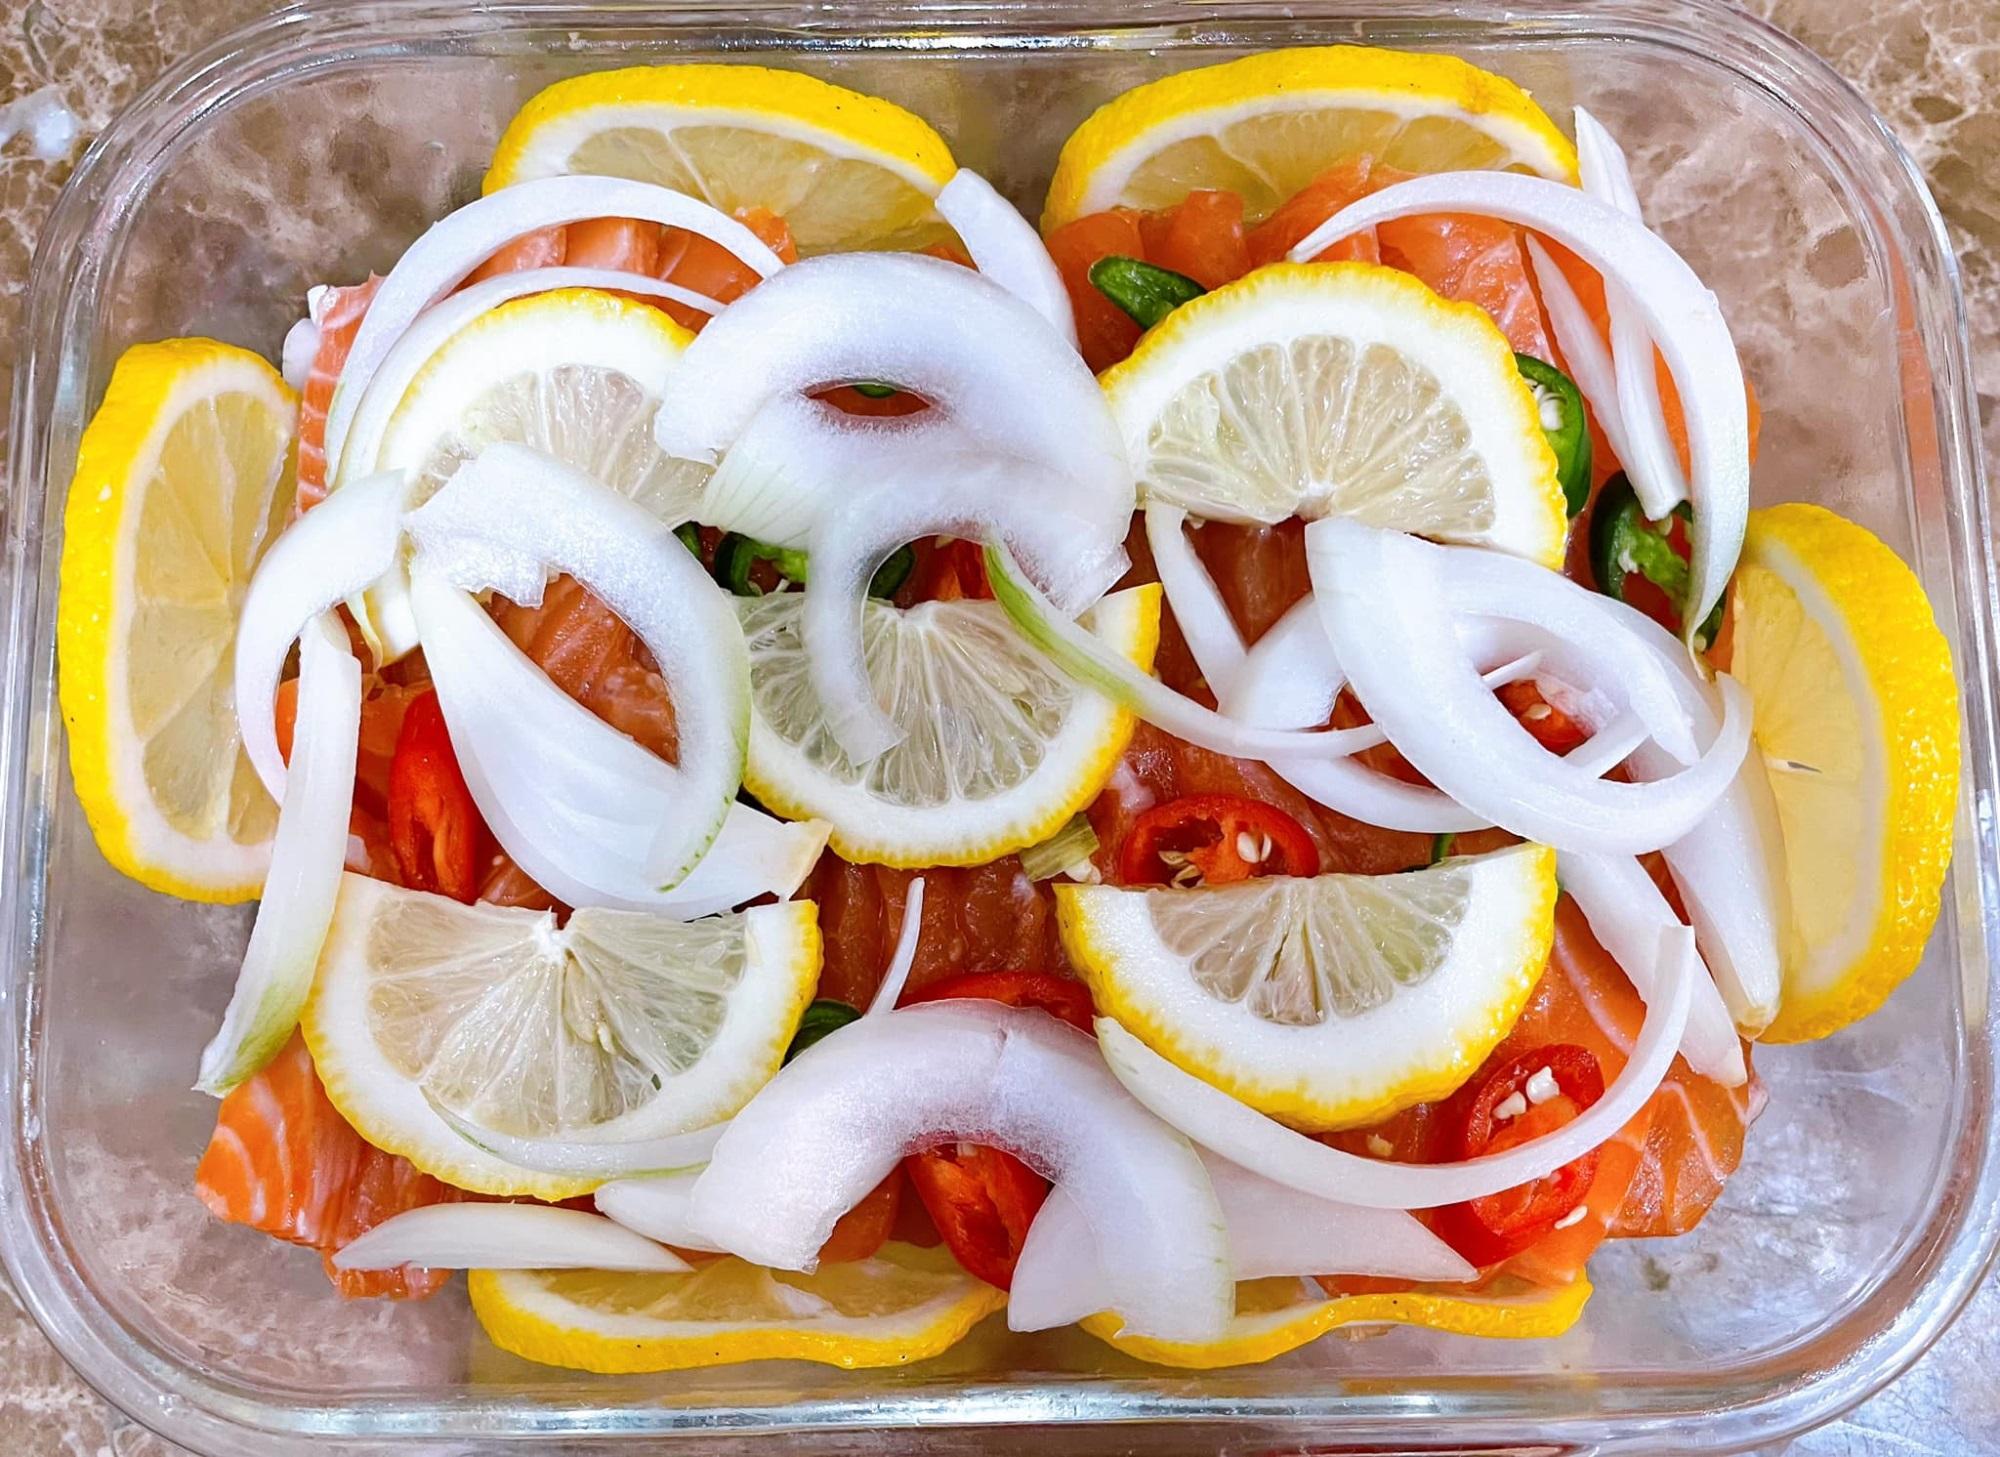 Cách làm cá hồi ngâm tương đậm vị, đưa cơm - ăn một miếng 'tay chân quắn quéo' vì quá ngon - Ảnh 3